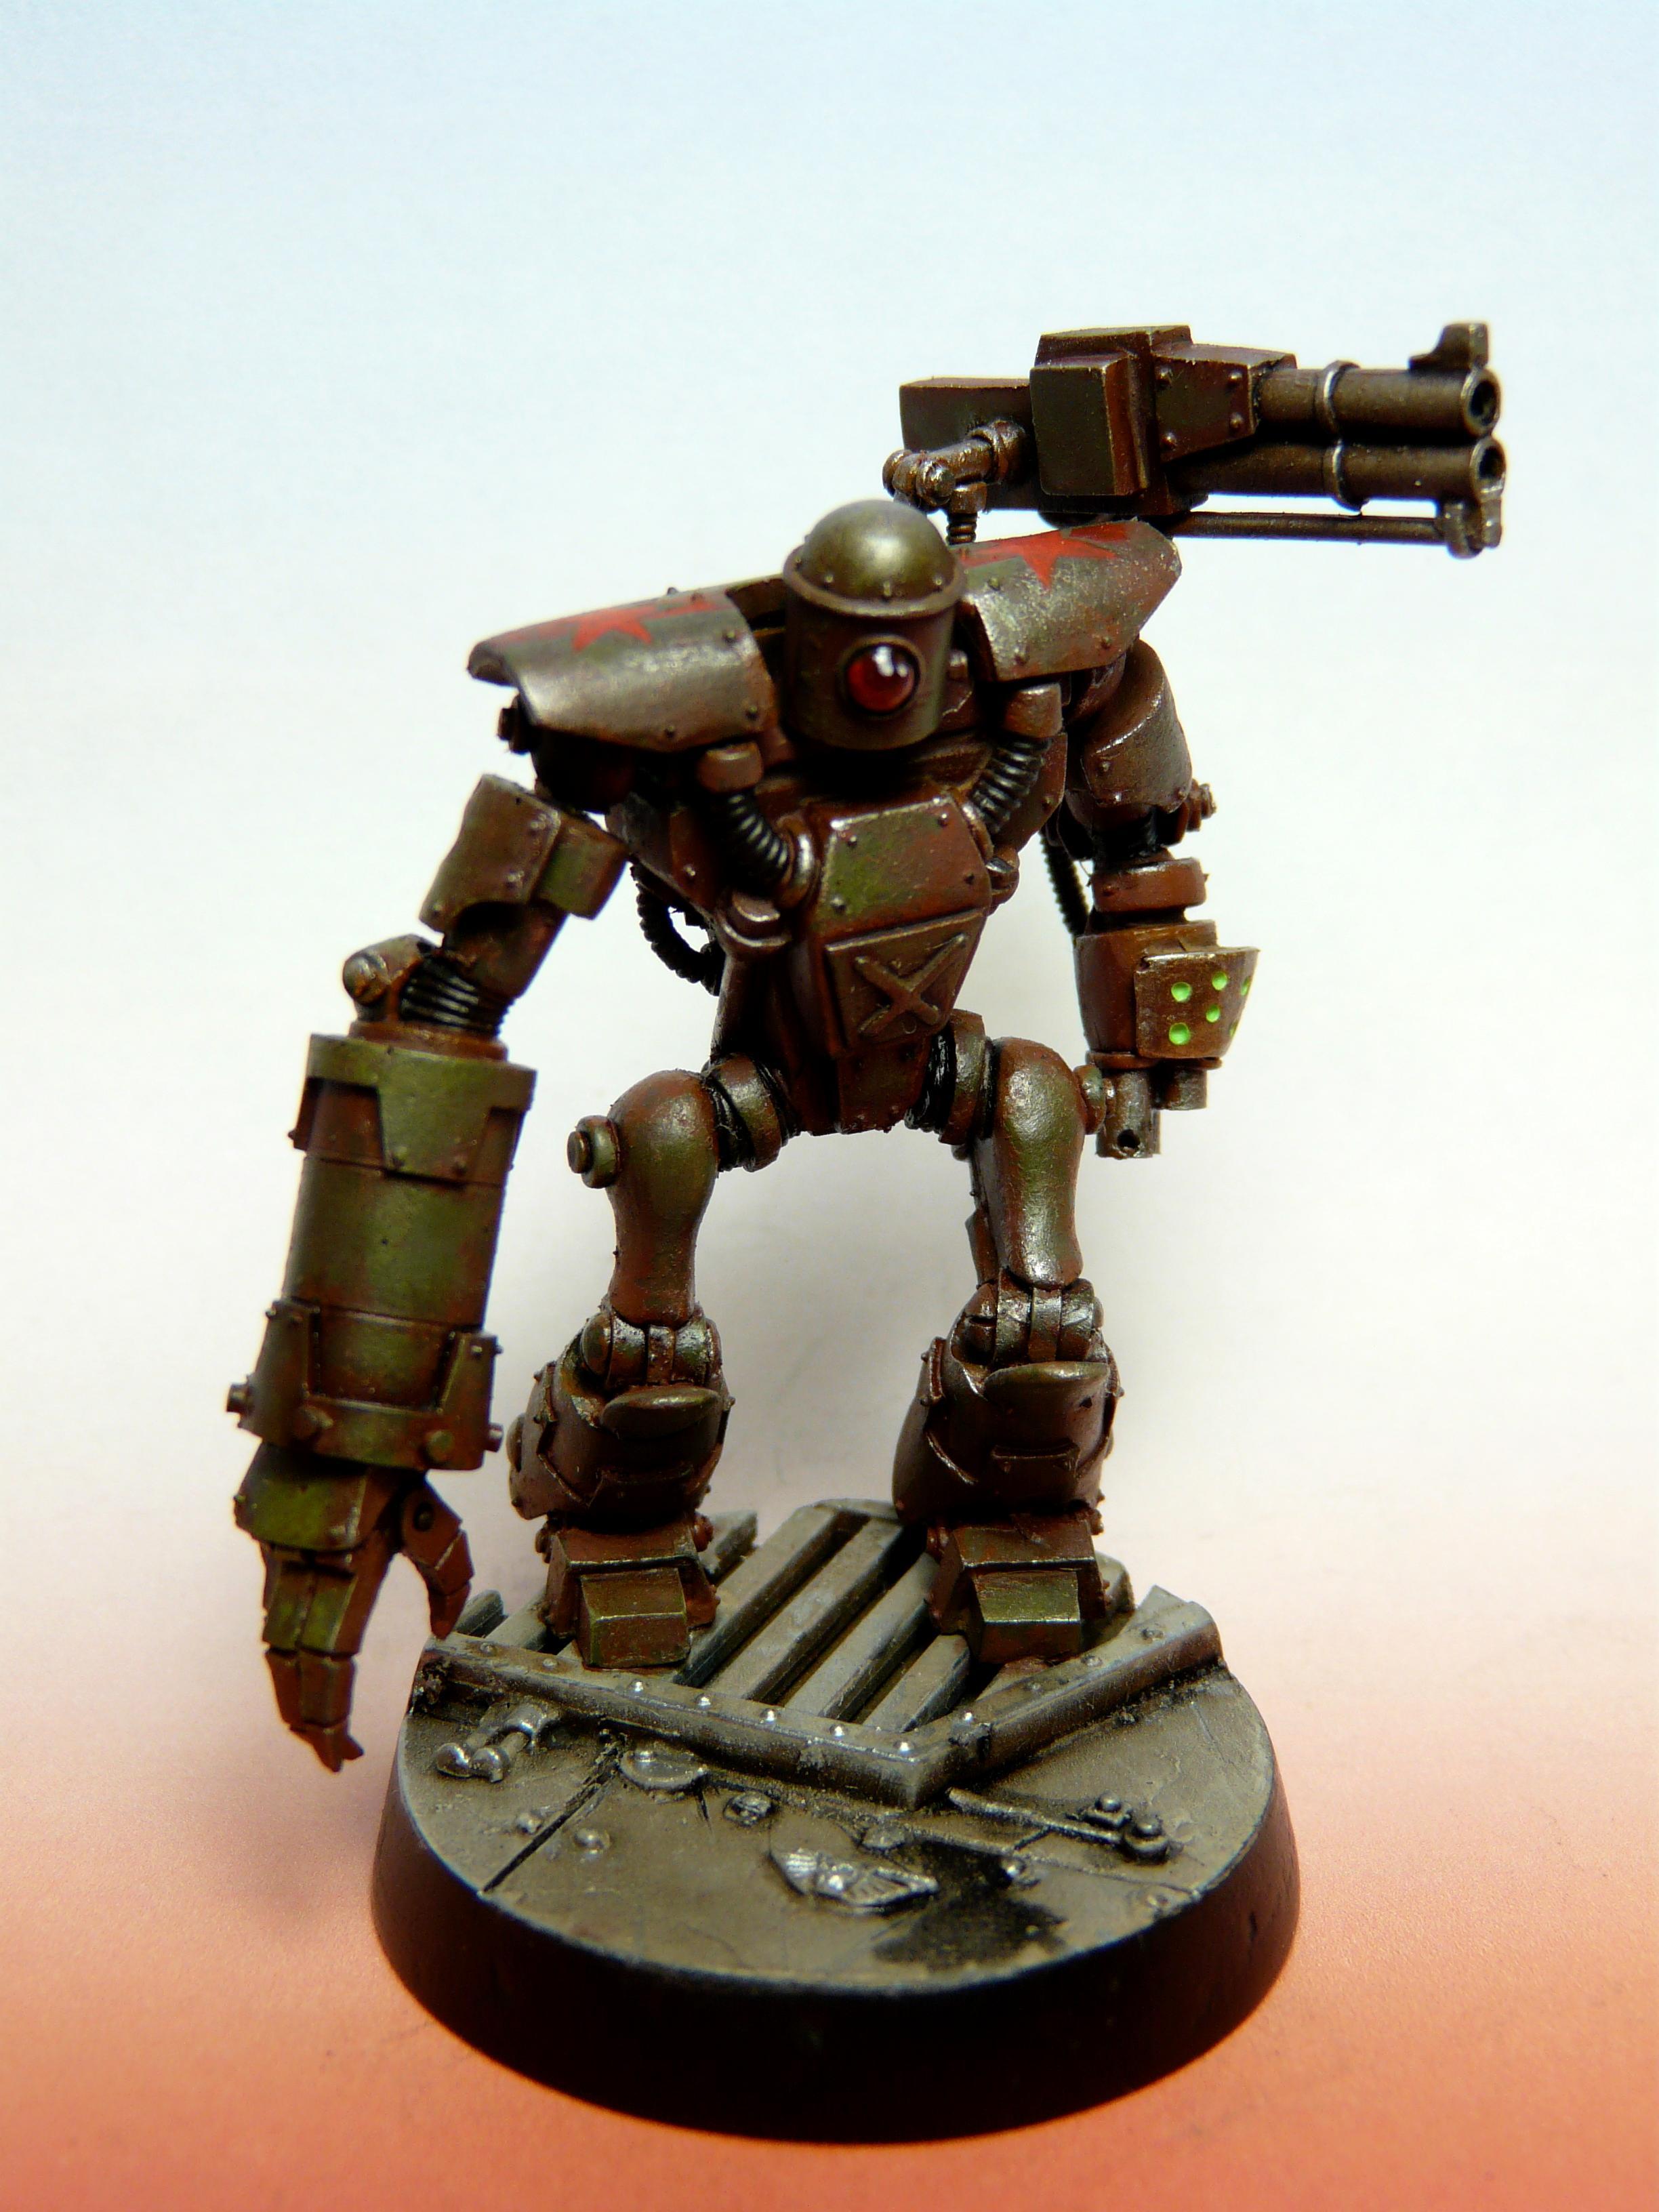 Bigdaddy, Golem, Robot, Steam, Steampunk